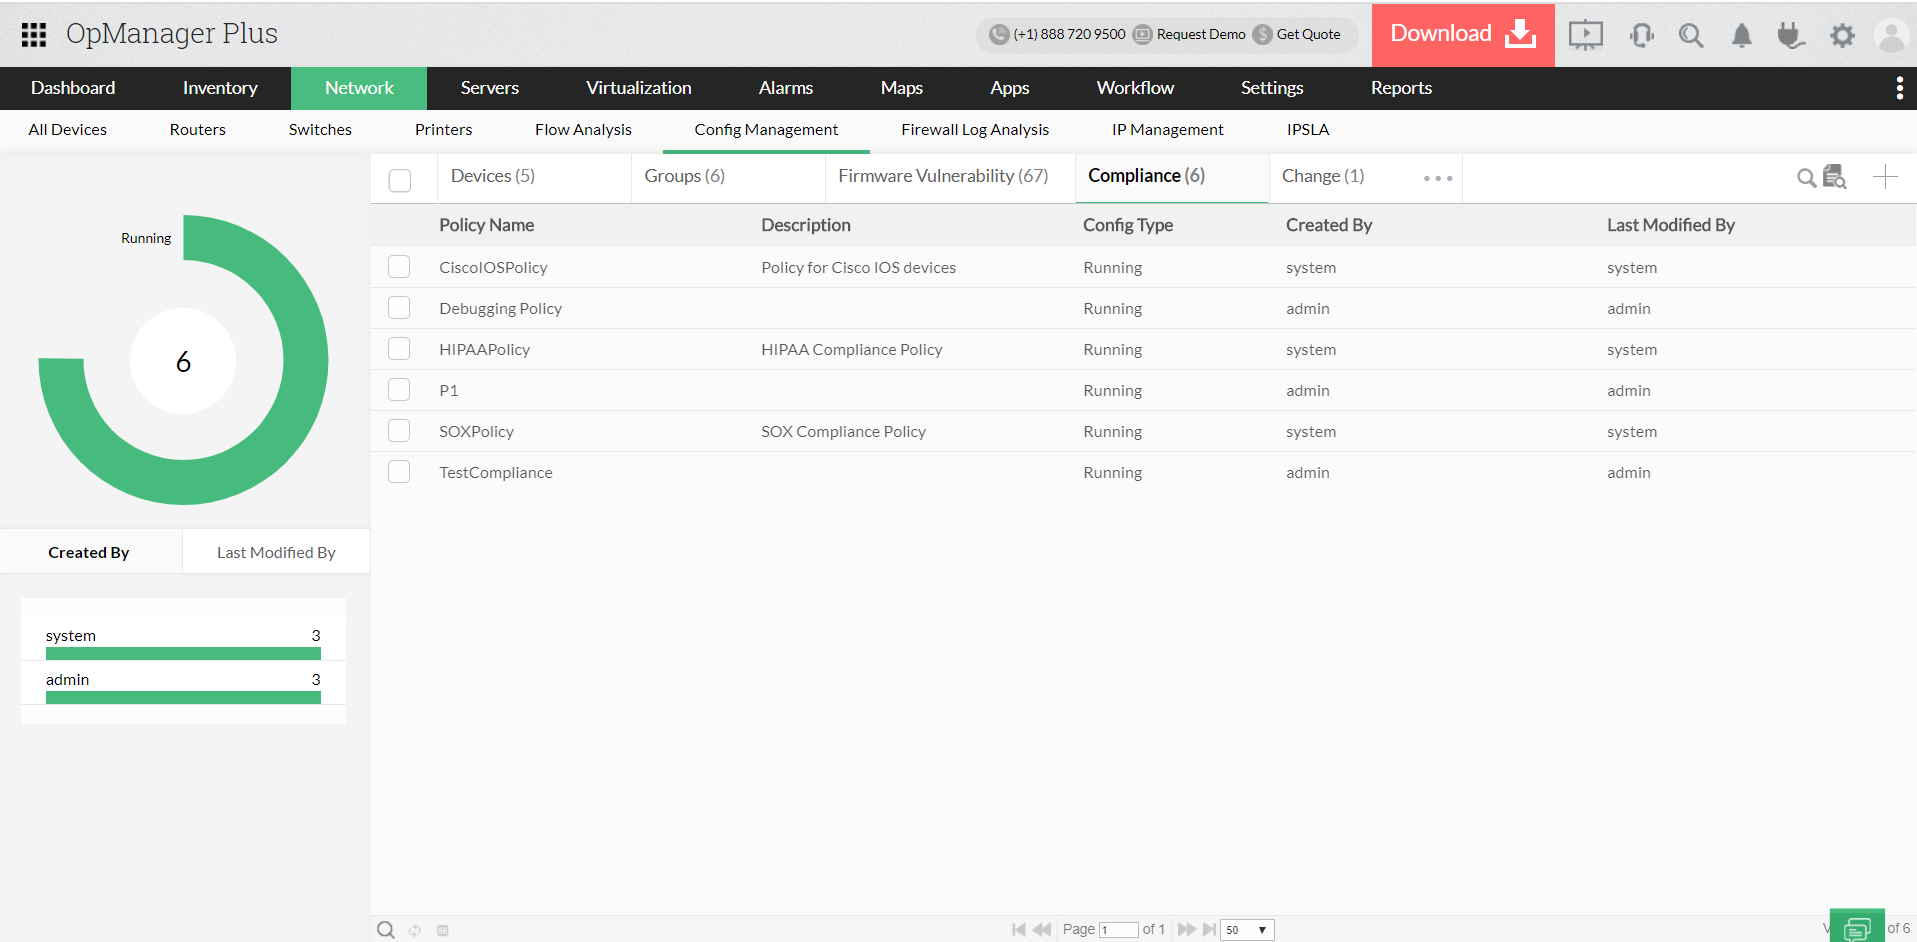 Contrôle de la conformité - ManageEngine OpManager Plus